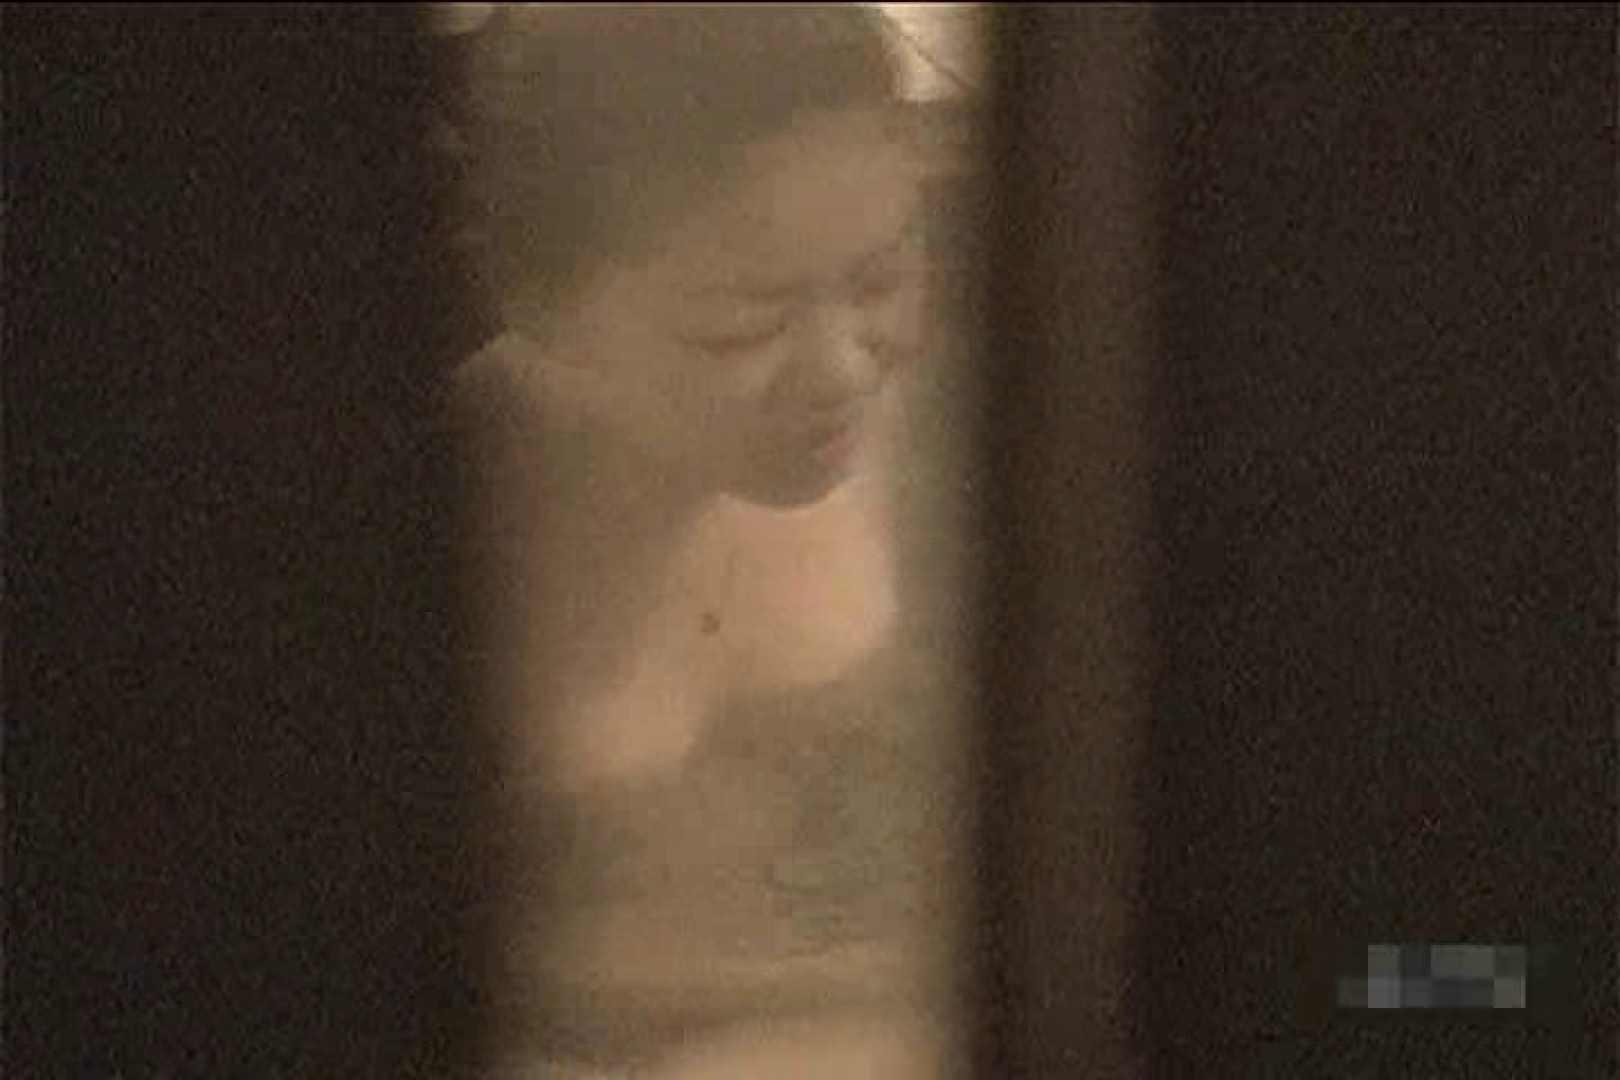 激撮ストーカー記録あなたのお宅拝見しますVol.8 カップルのセックス | 民家  83PIX 61